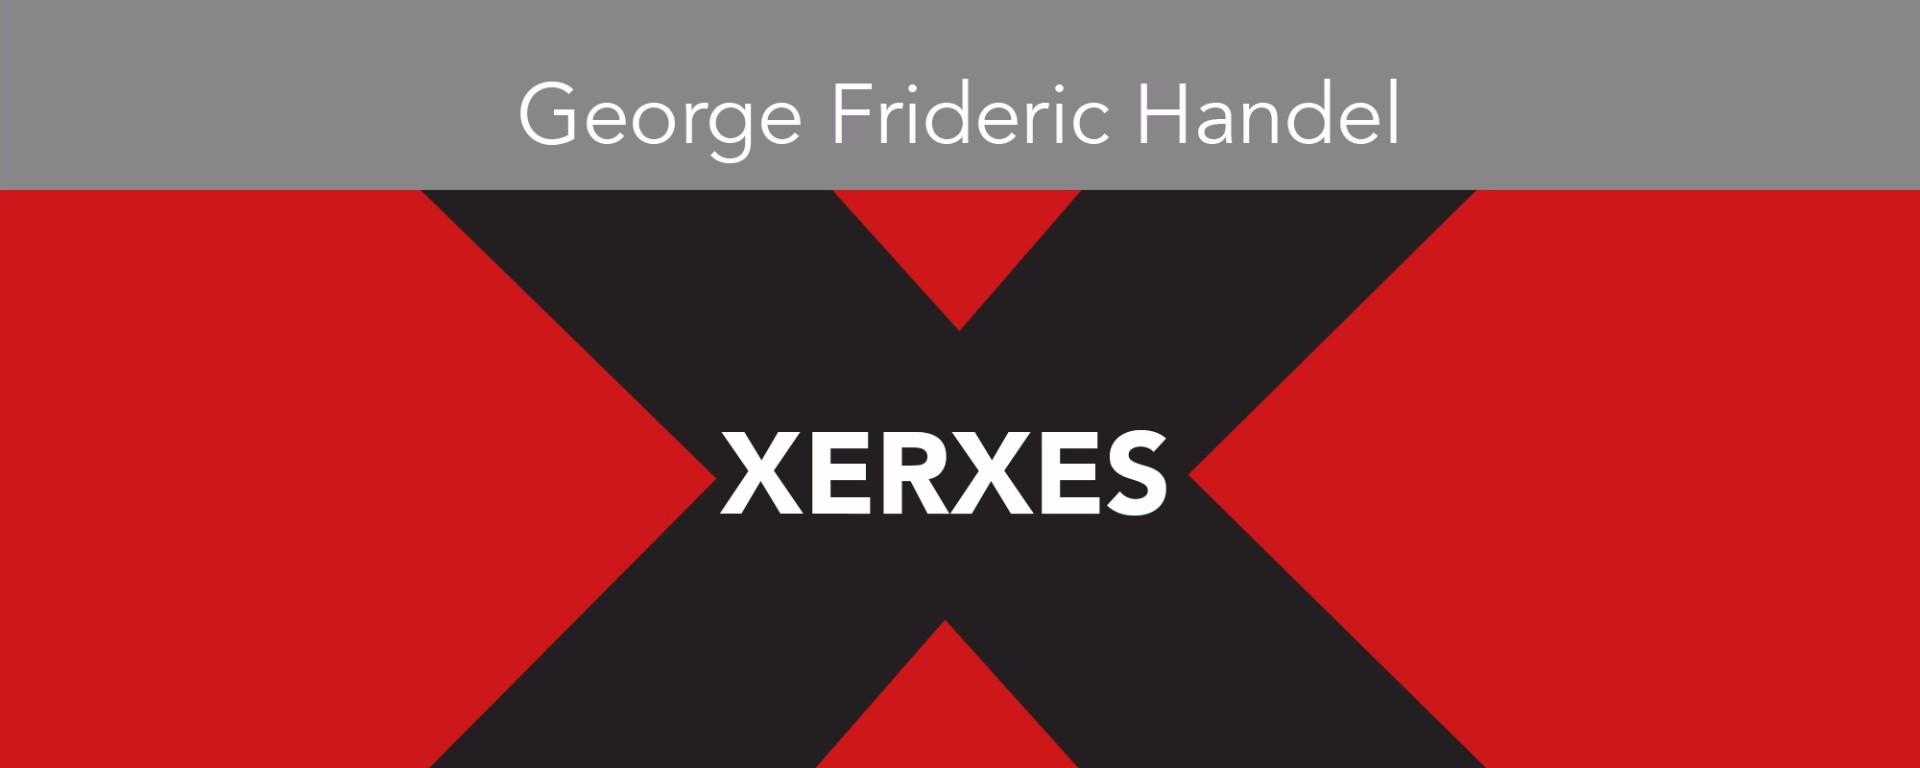 Xerxes 1.jpg